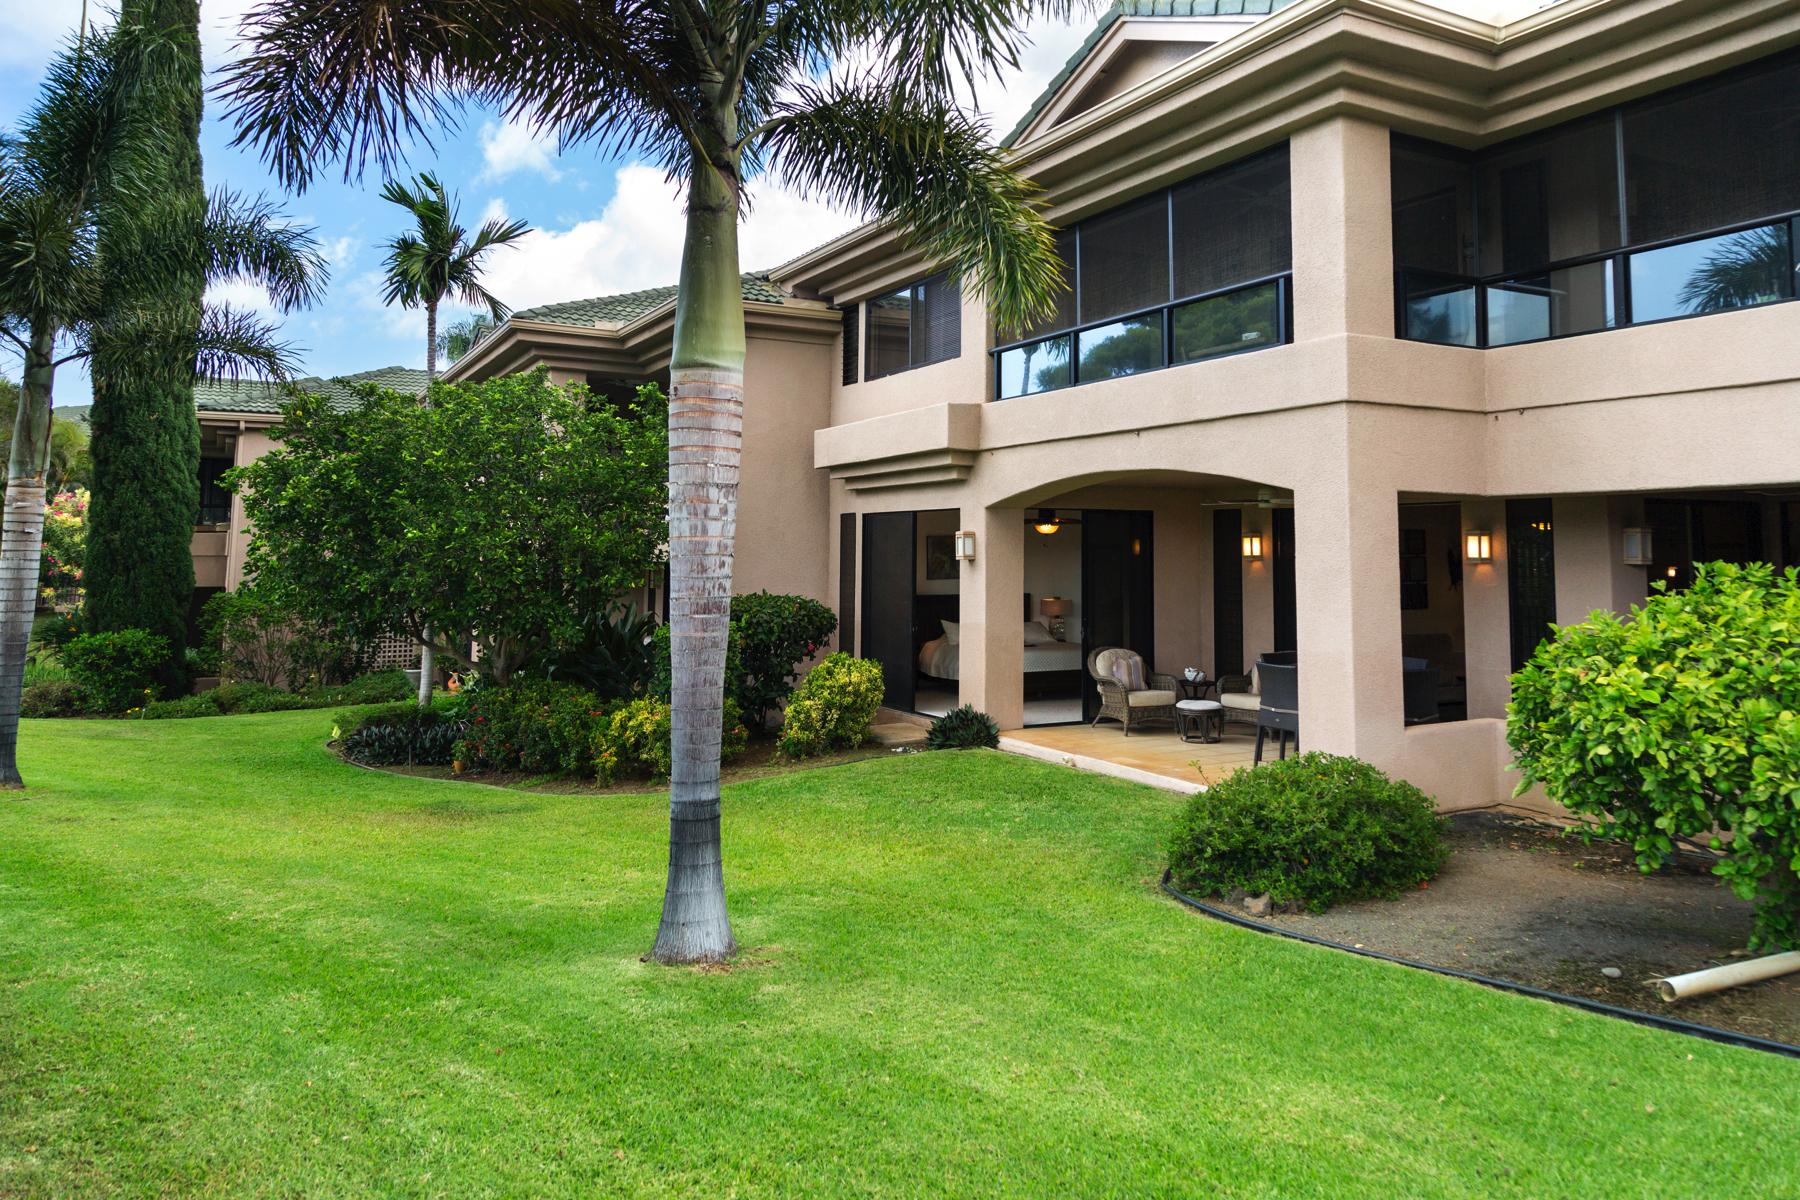 联栋屋 为 销售 在 Waikoloa Fairways 68-1754 Melia St. B114 威克洛亚, 夏威夷 96738 美国